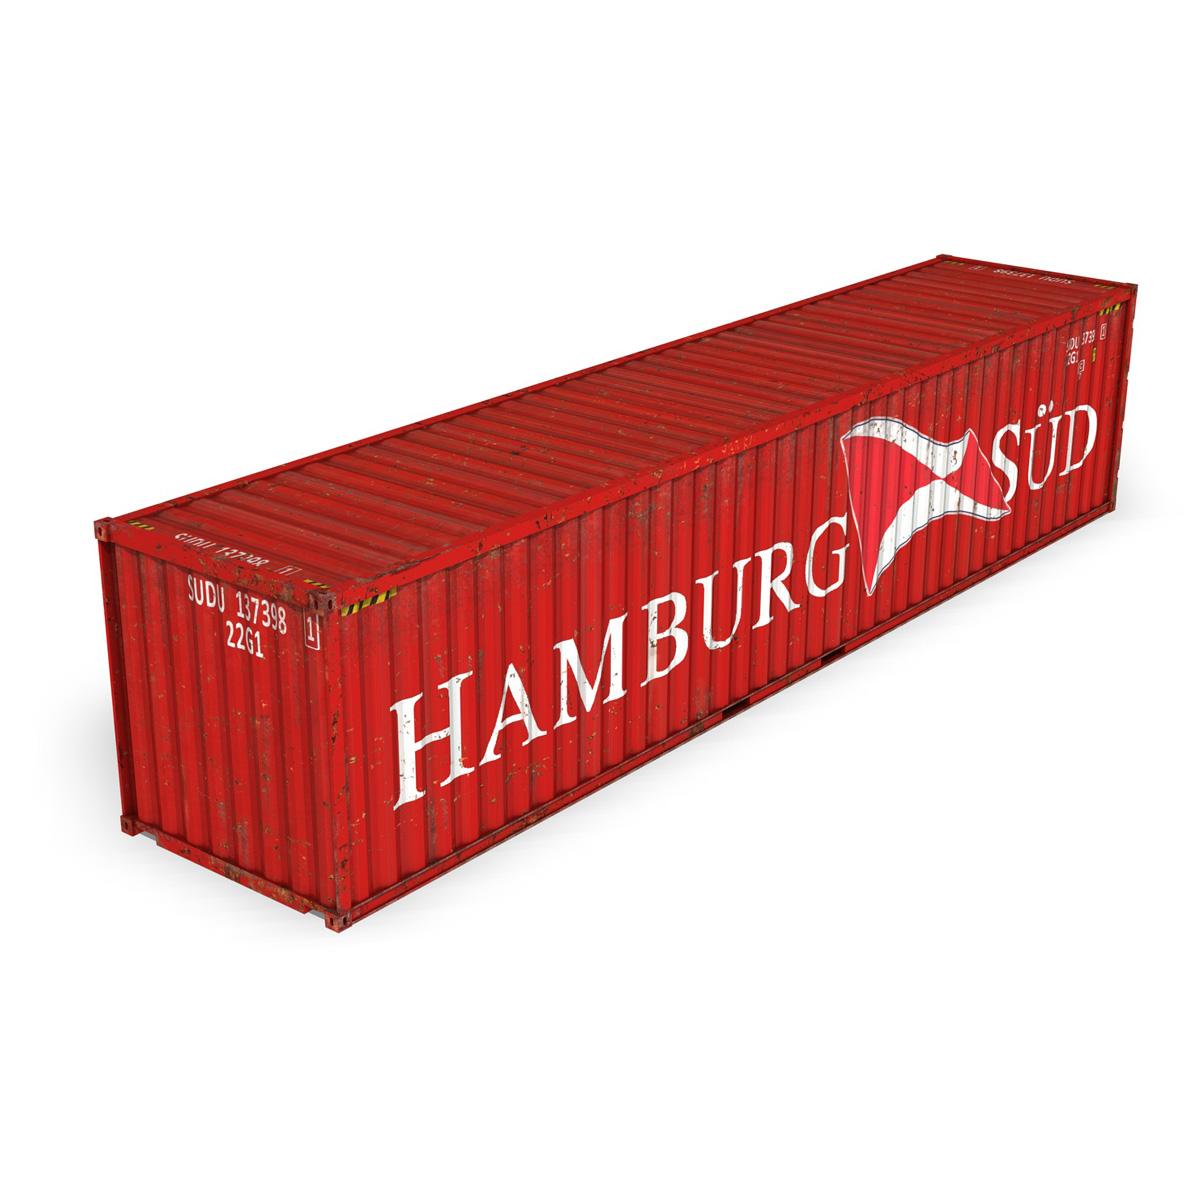 40ft coimeádán loingseoireachta - hamburg inagartha 3d múnla 3ds fbx lwo lw lj obn cxNUMXd 4